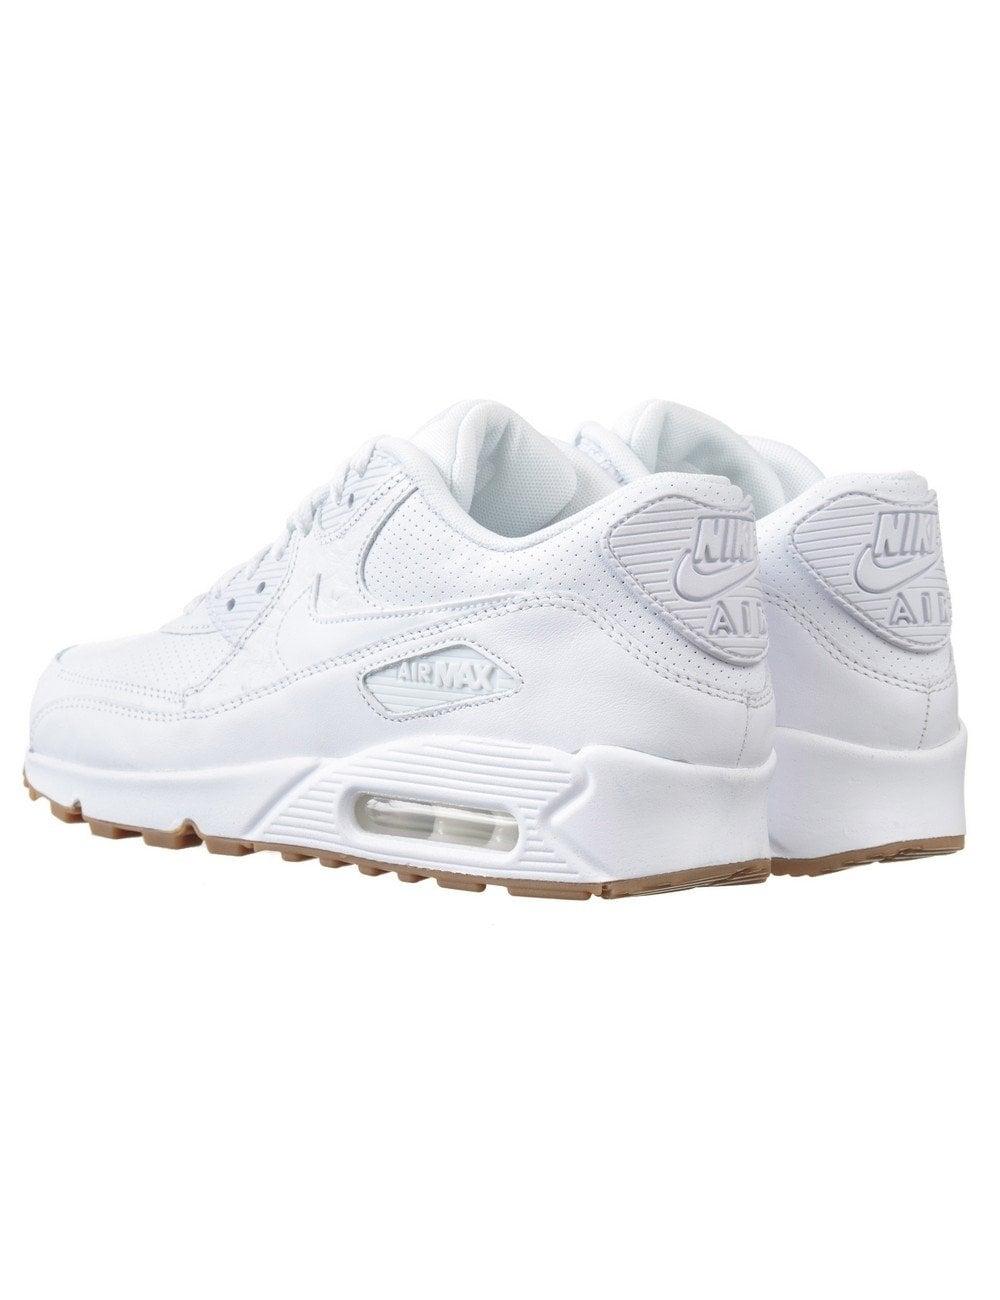 huge discount b3b1a c23f9 Air Max 90 Run PA Shoes - Triple White/Gum